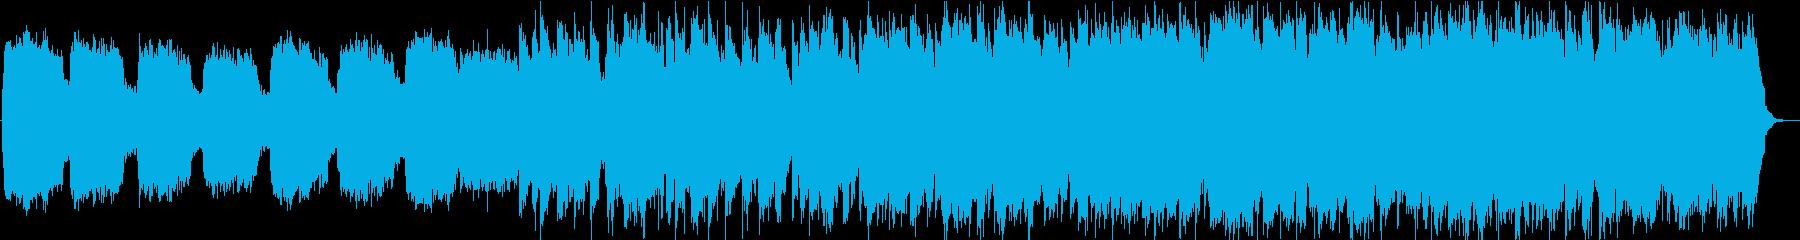 静かな笛とシンセサイザーの落ち着く音楽の再生済みの波形